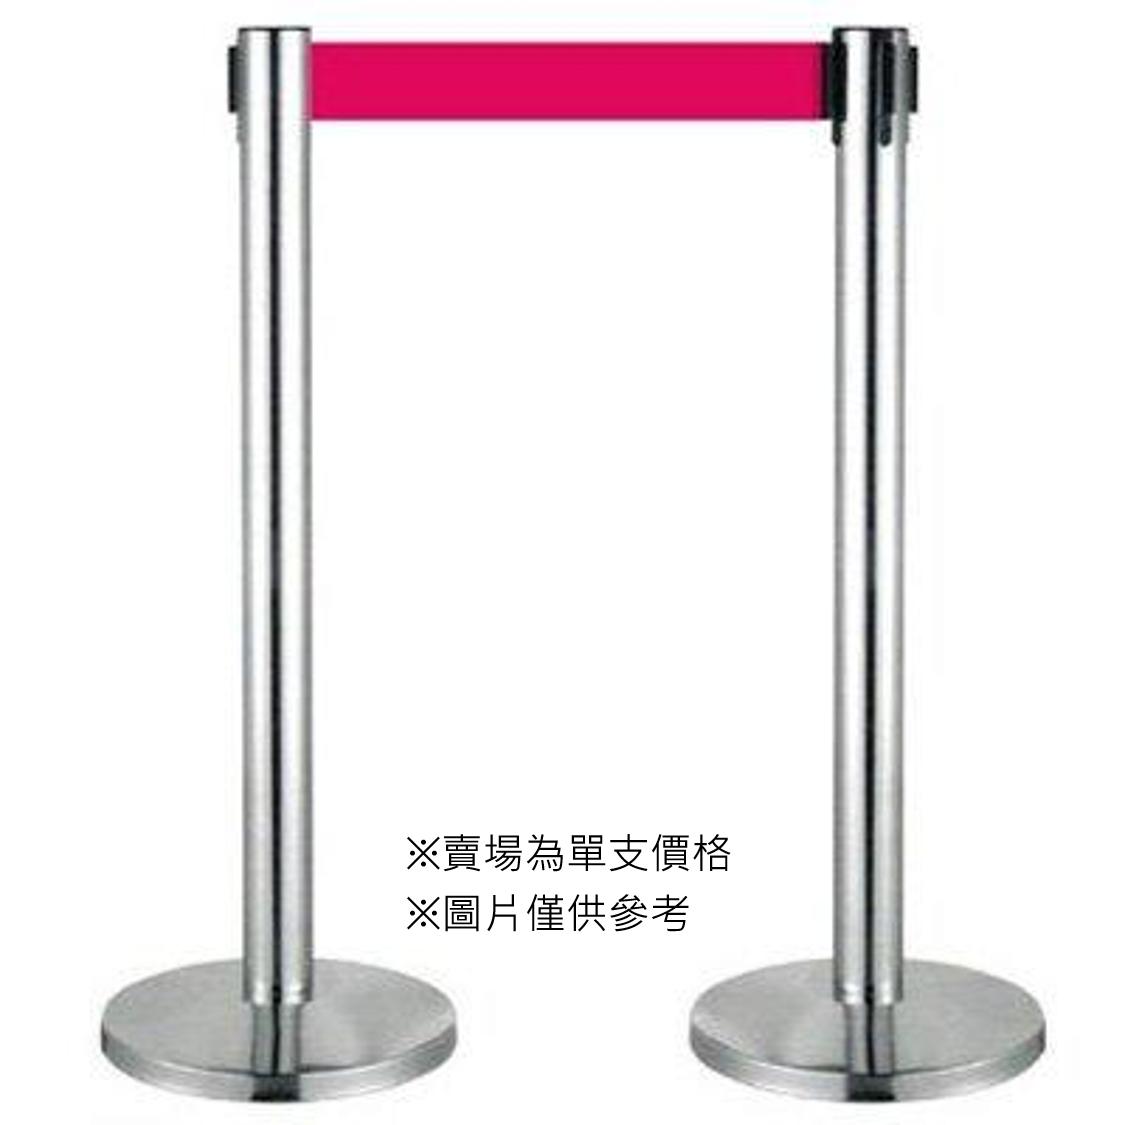 【單支價】企隆 不銹鋼伸縮欄柱(室內型) E86S 欄柱 圍欄 紅龍柱 開店 排隊 飯店用品